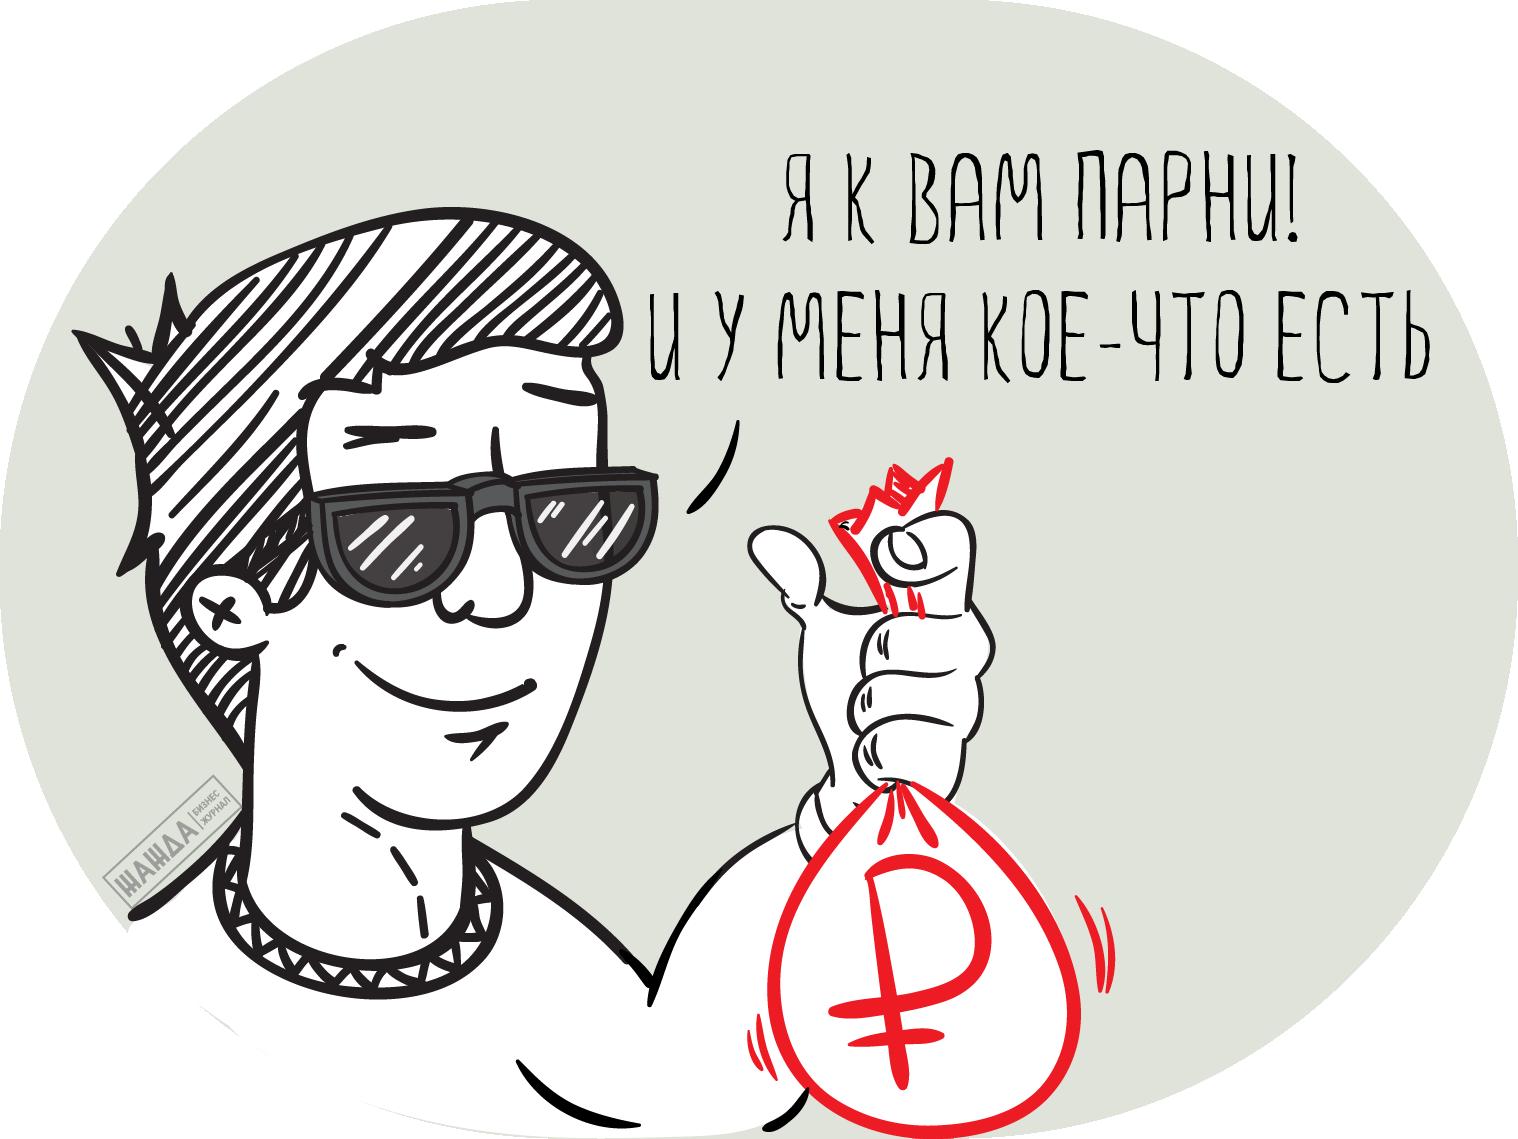 Ввод нового участника ооо 2017 пошаговая инструкция